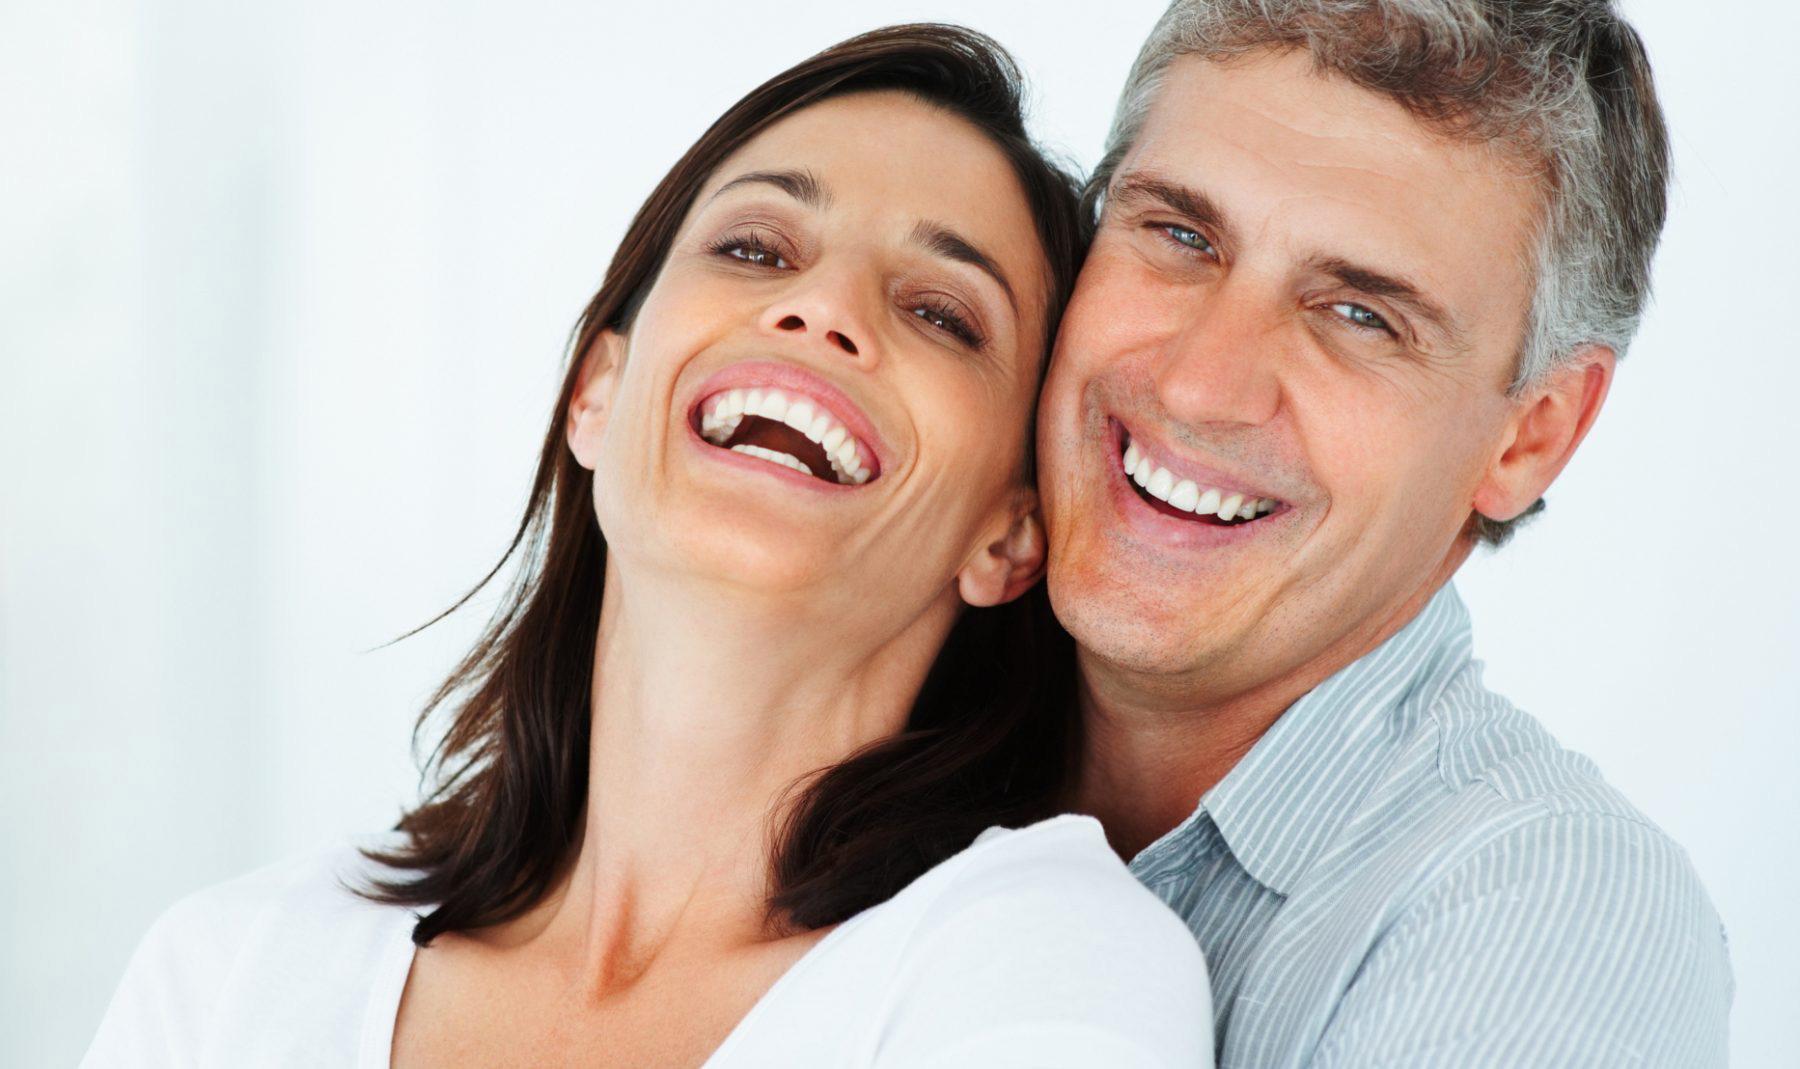 migliorare il benessere di coppia con gli ormoni bioidentici